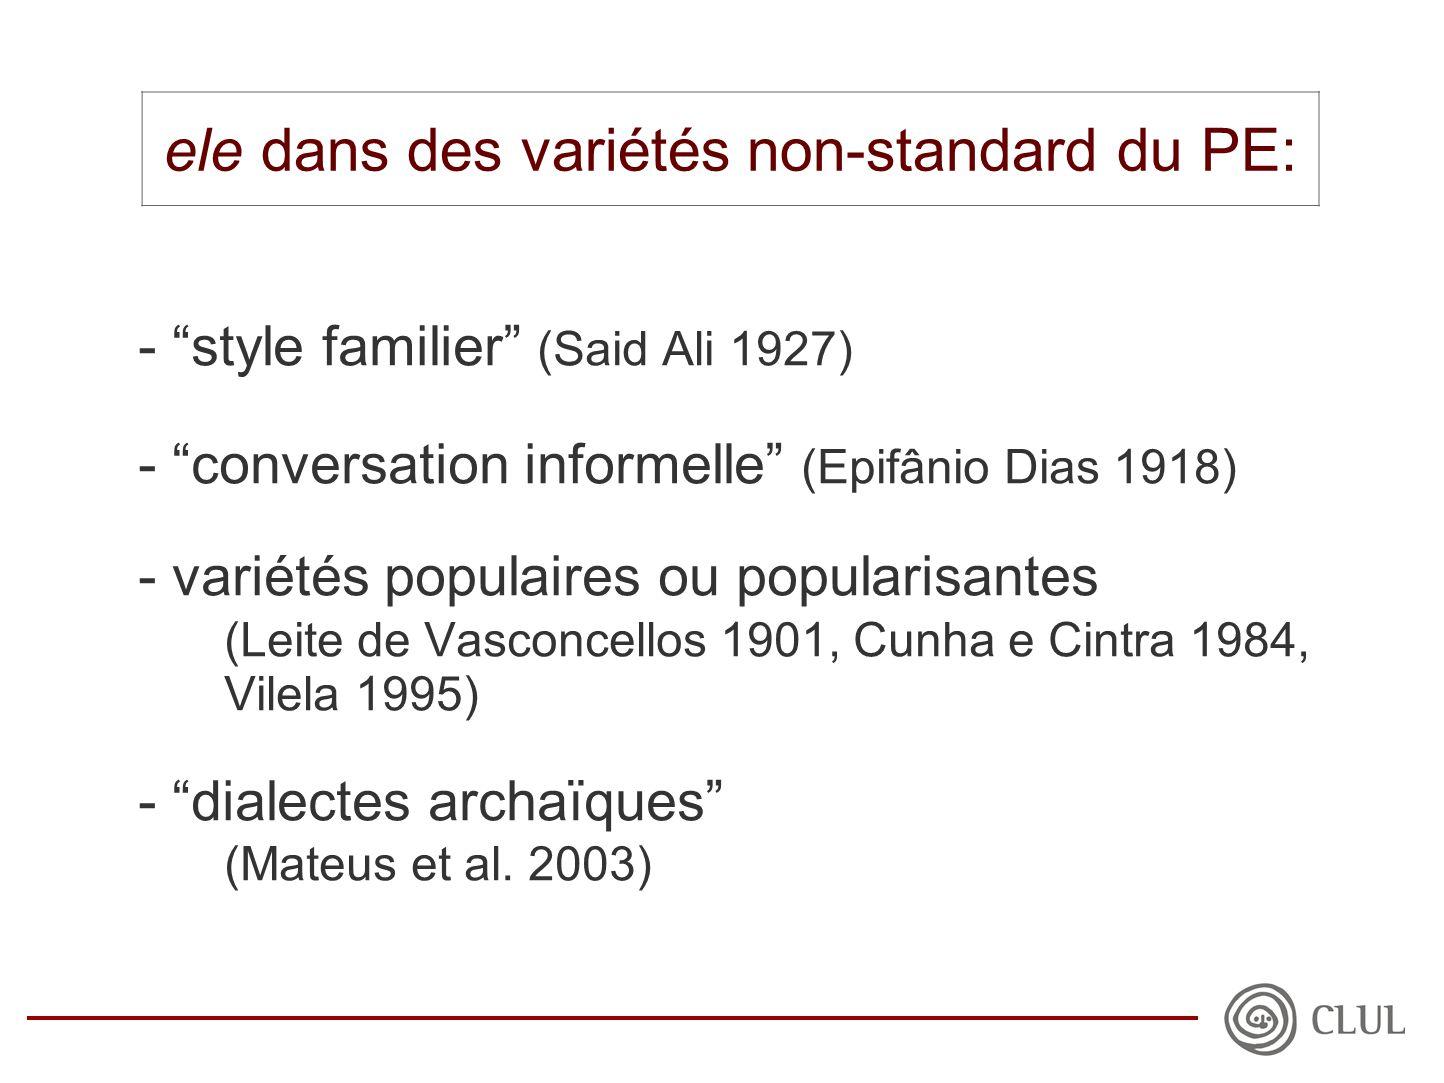 - style familier (Said Ali 1927) - conversation informelle (Epifânio Dias 1918) - variétés populaires ou popularisantes (Leite de Vasconcellos 1901, Cunha e Cintra 1984, Vilela 1995) - dialectes archaïques (Mateus et al.